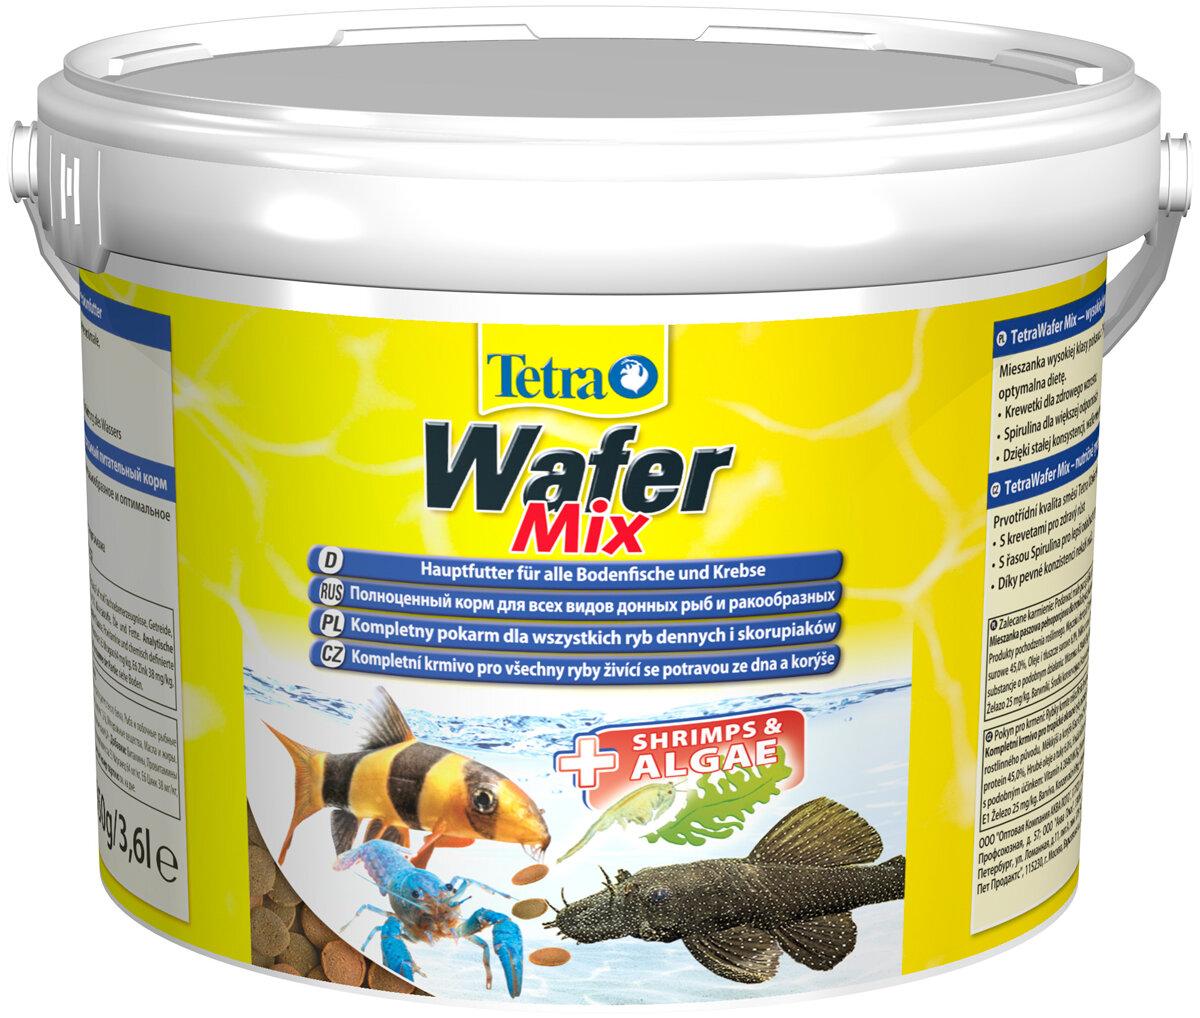 Tetra WAFER MIX — Тетра корм-чипсы для донных рыб и ракообразных (15 гр)